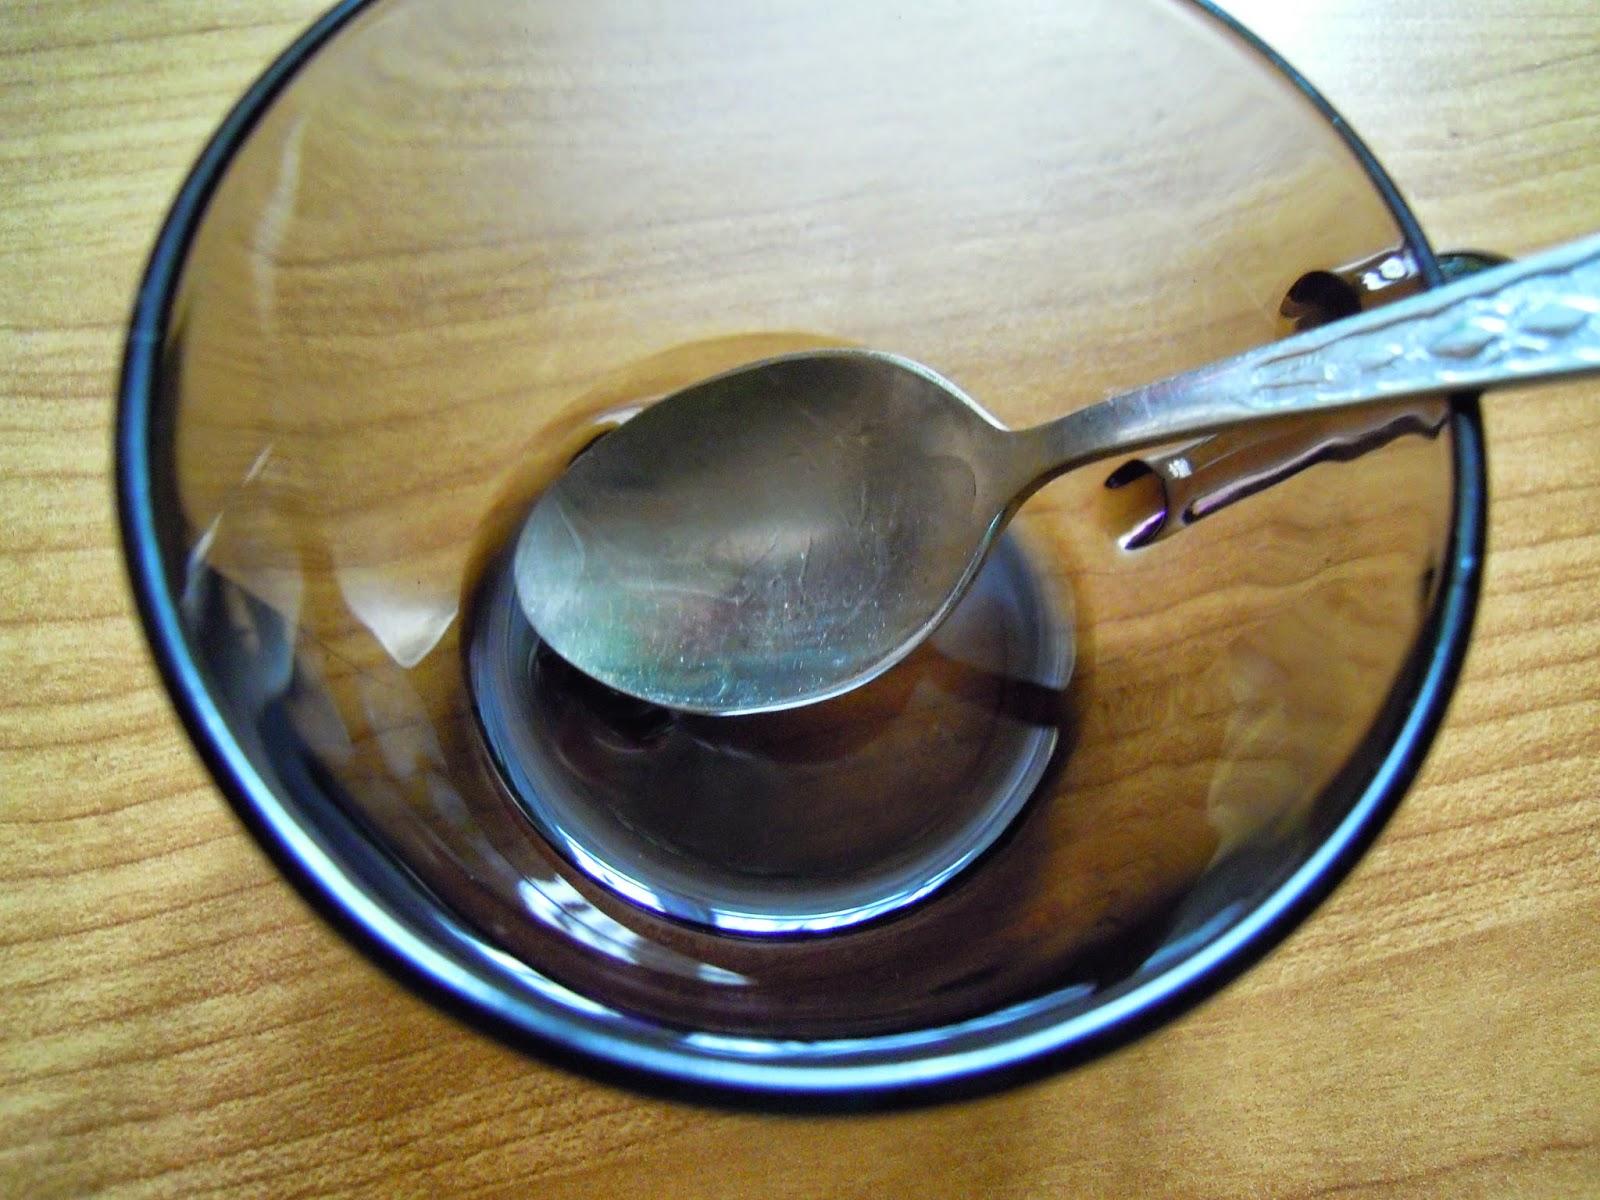 Niedziela dla włosów 14.09 czyli pierwsze wrażenie olej na gliceryne